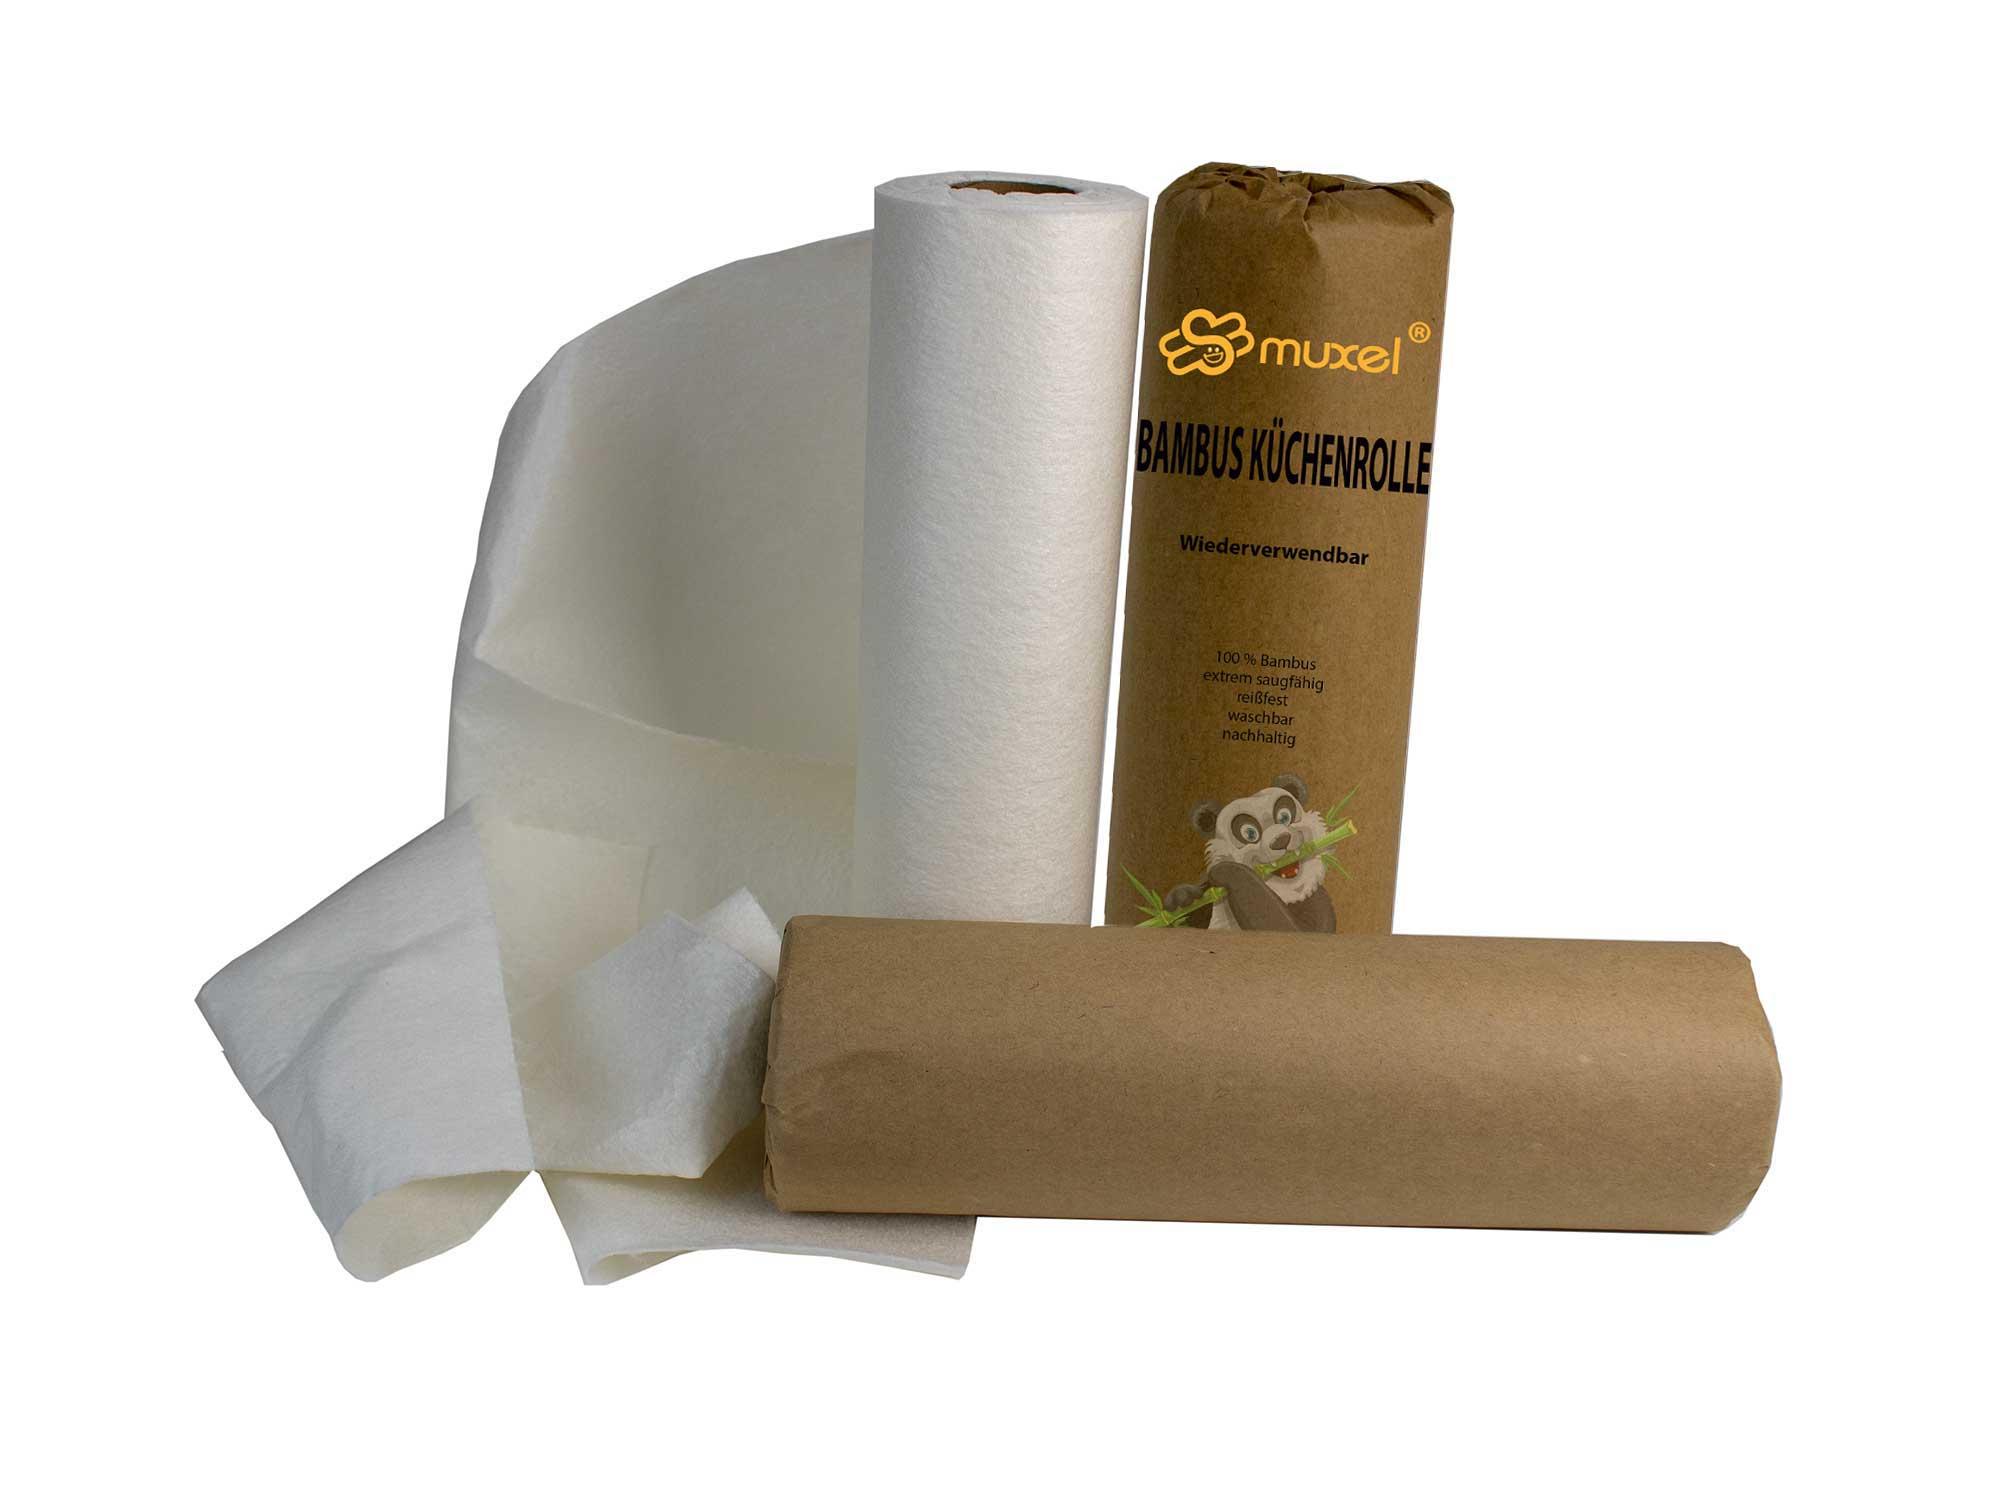 kuchenrolle-aus-bambus-umweltfreundliche-alternative-zu-haushaltsrolle-800501br